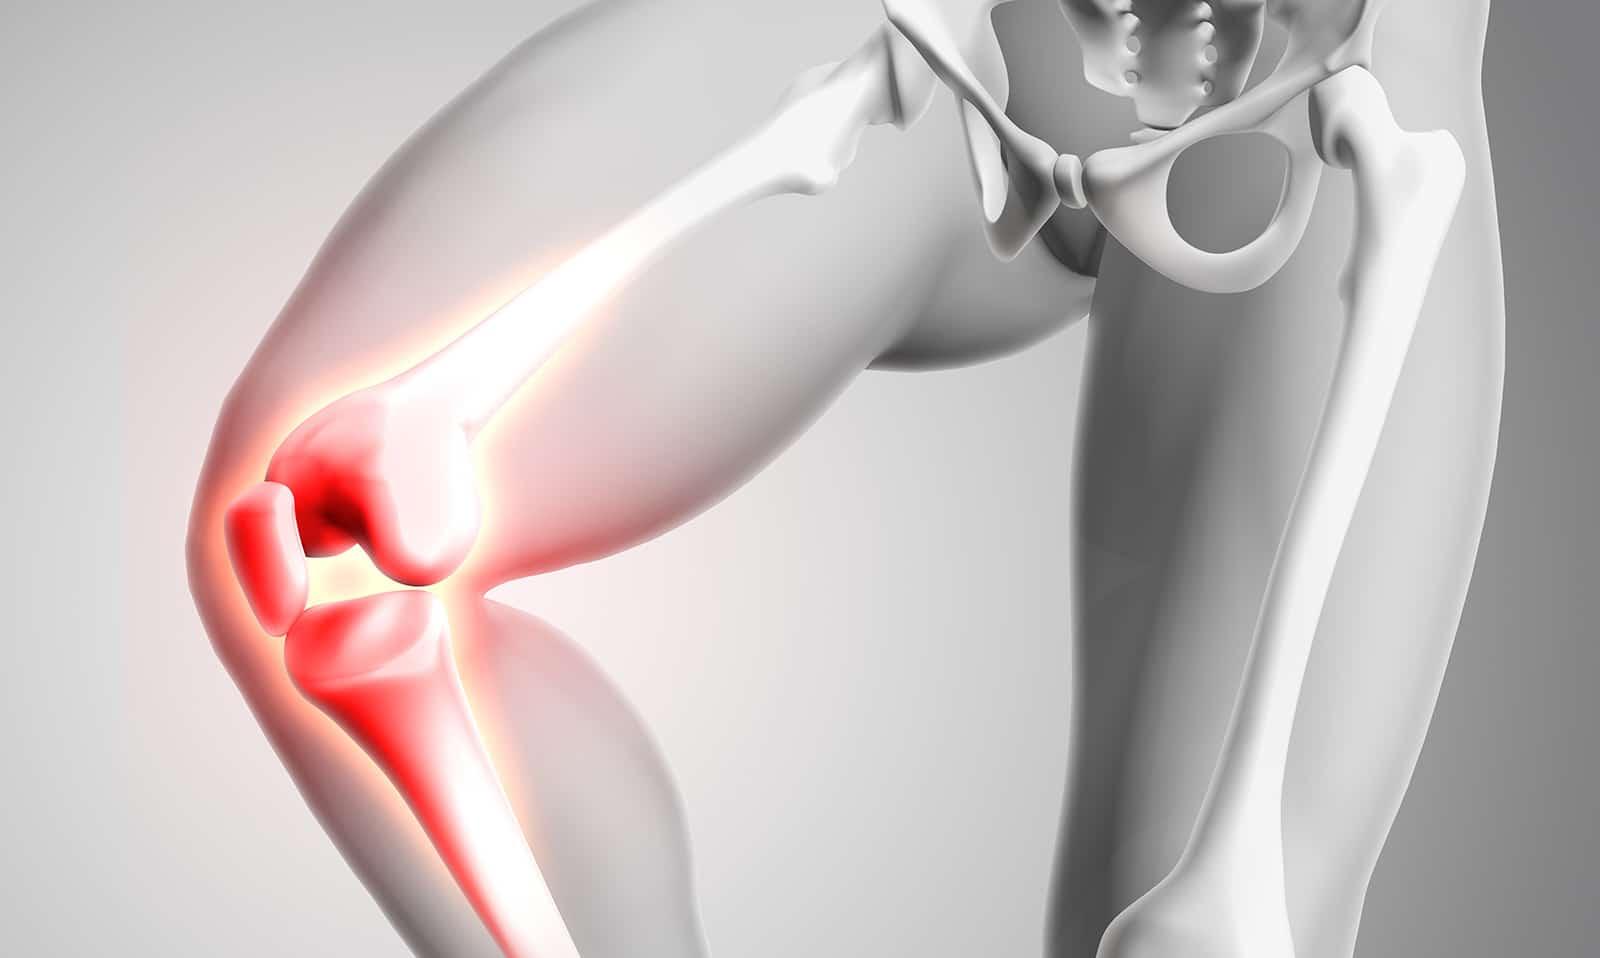 Productos naturales para fortalecer los huesos